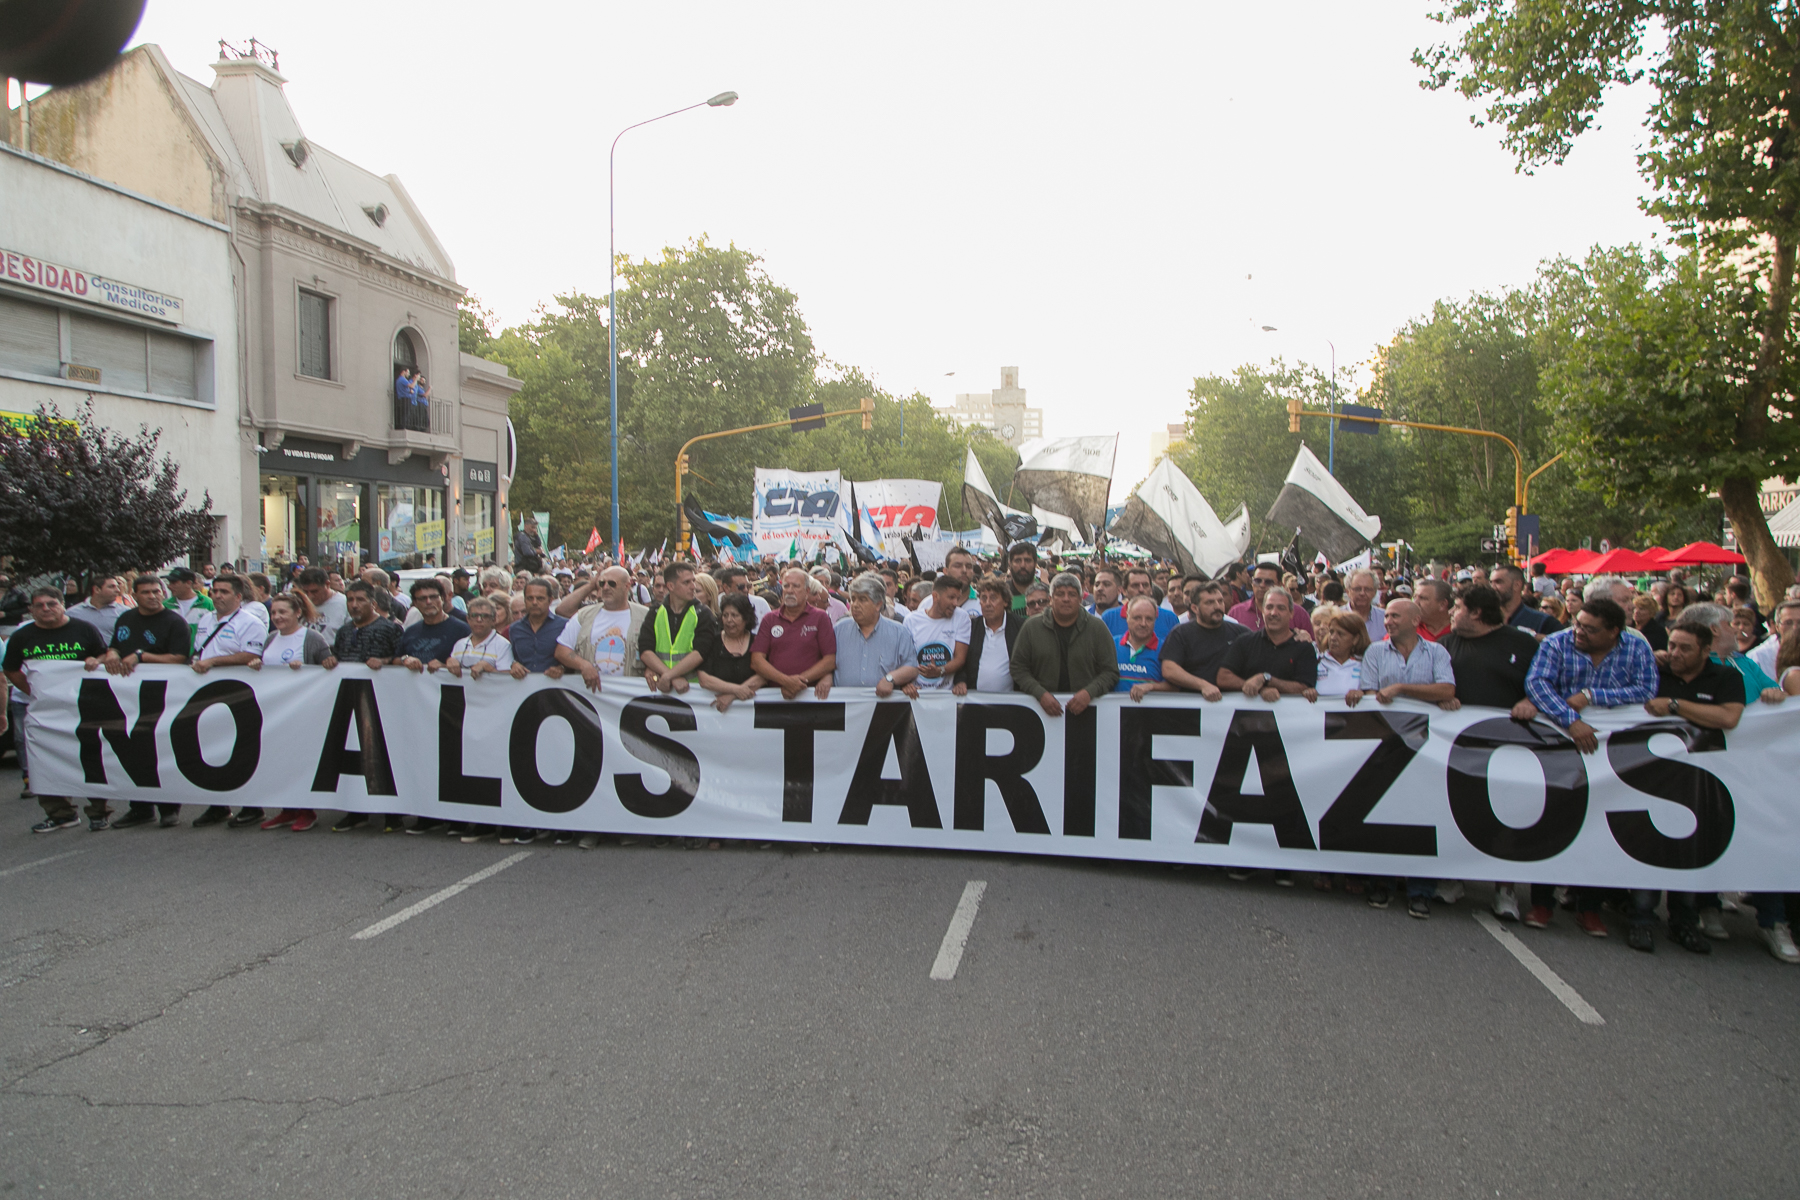 MARCHA CONTRA LOS TARIFAZOS Y EL AJUSTE EN MAR DEL PLATA